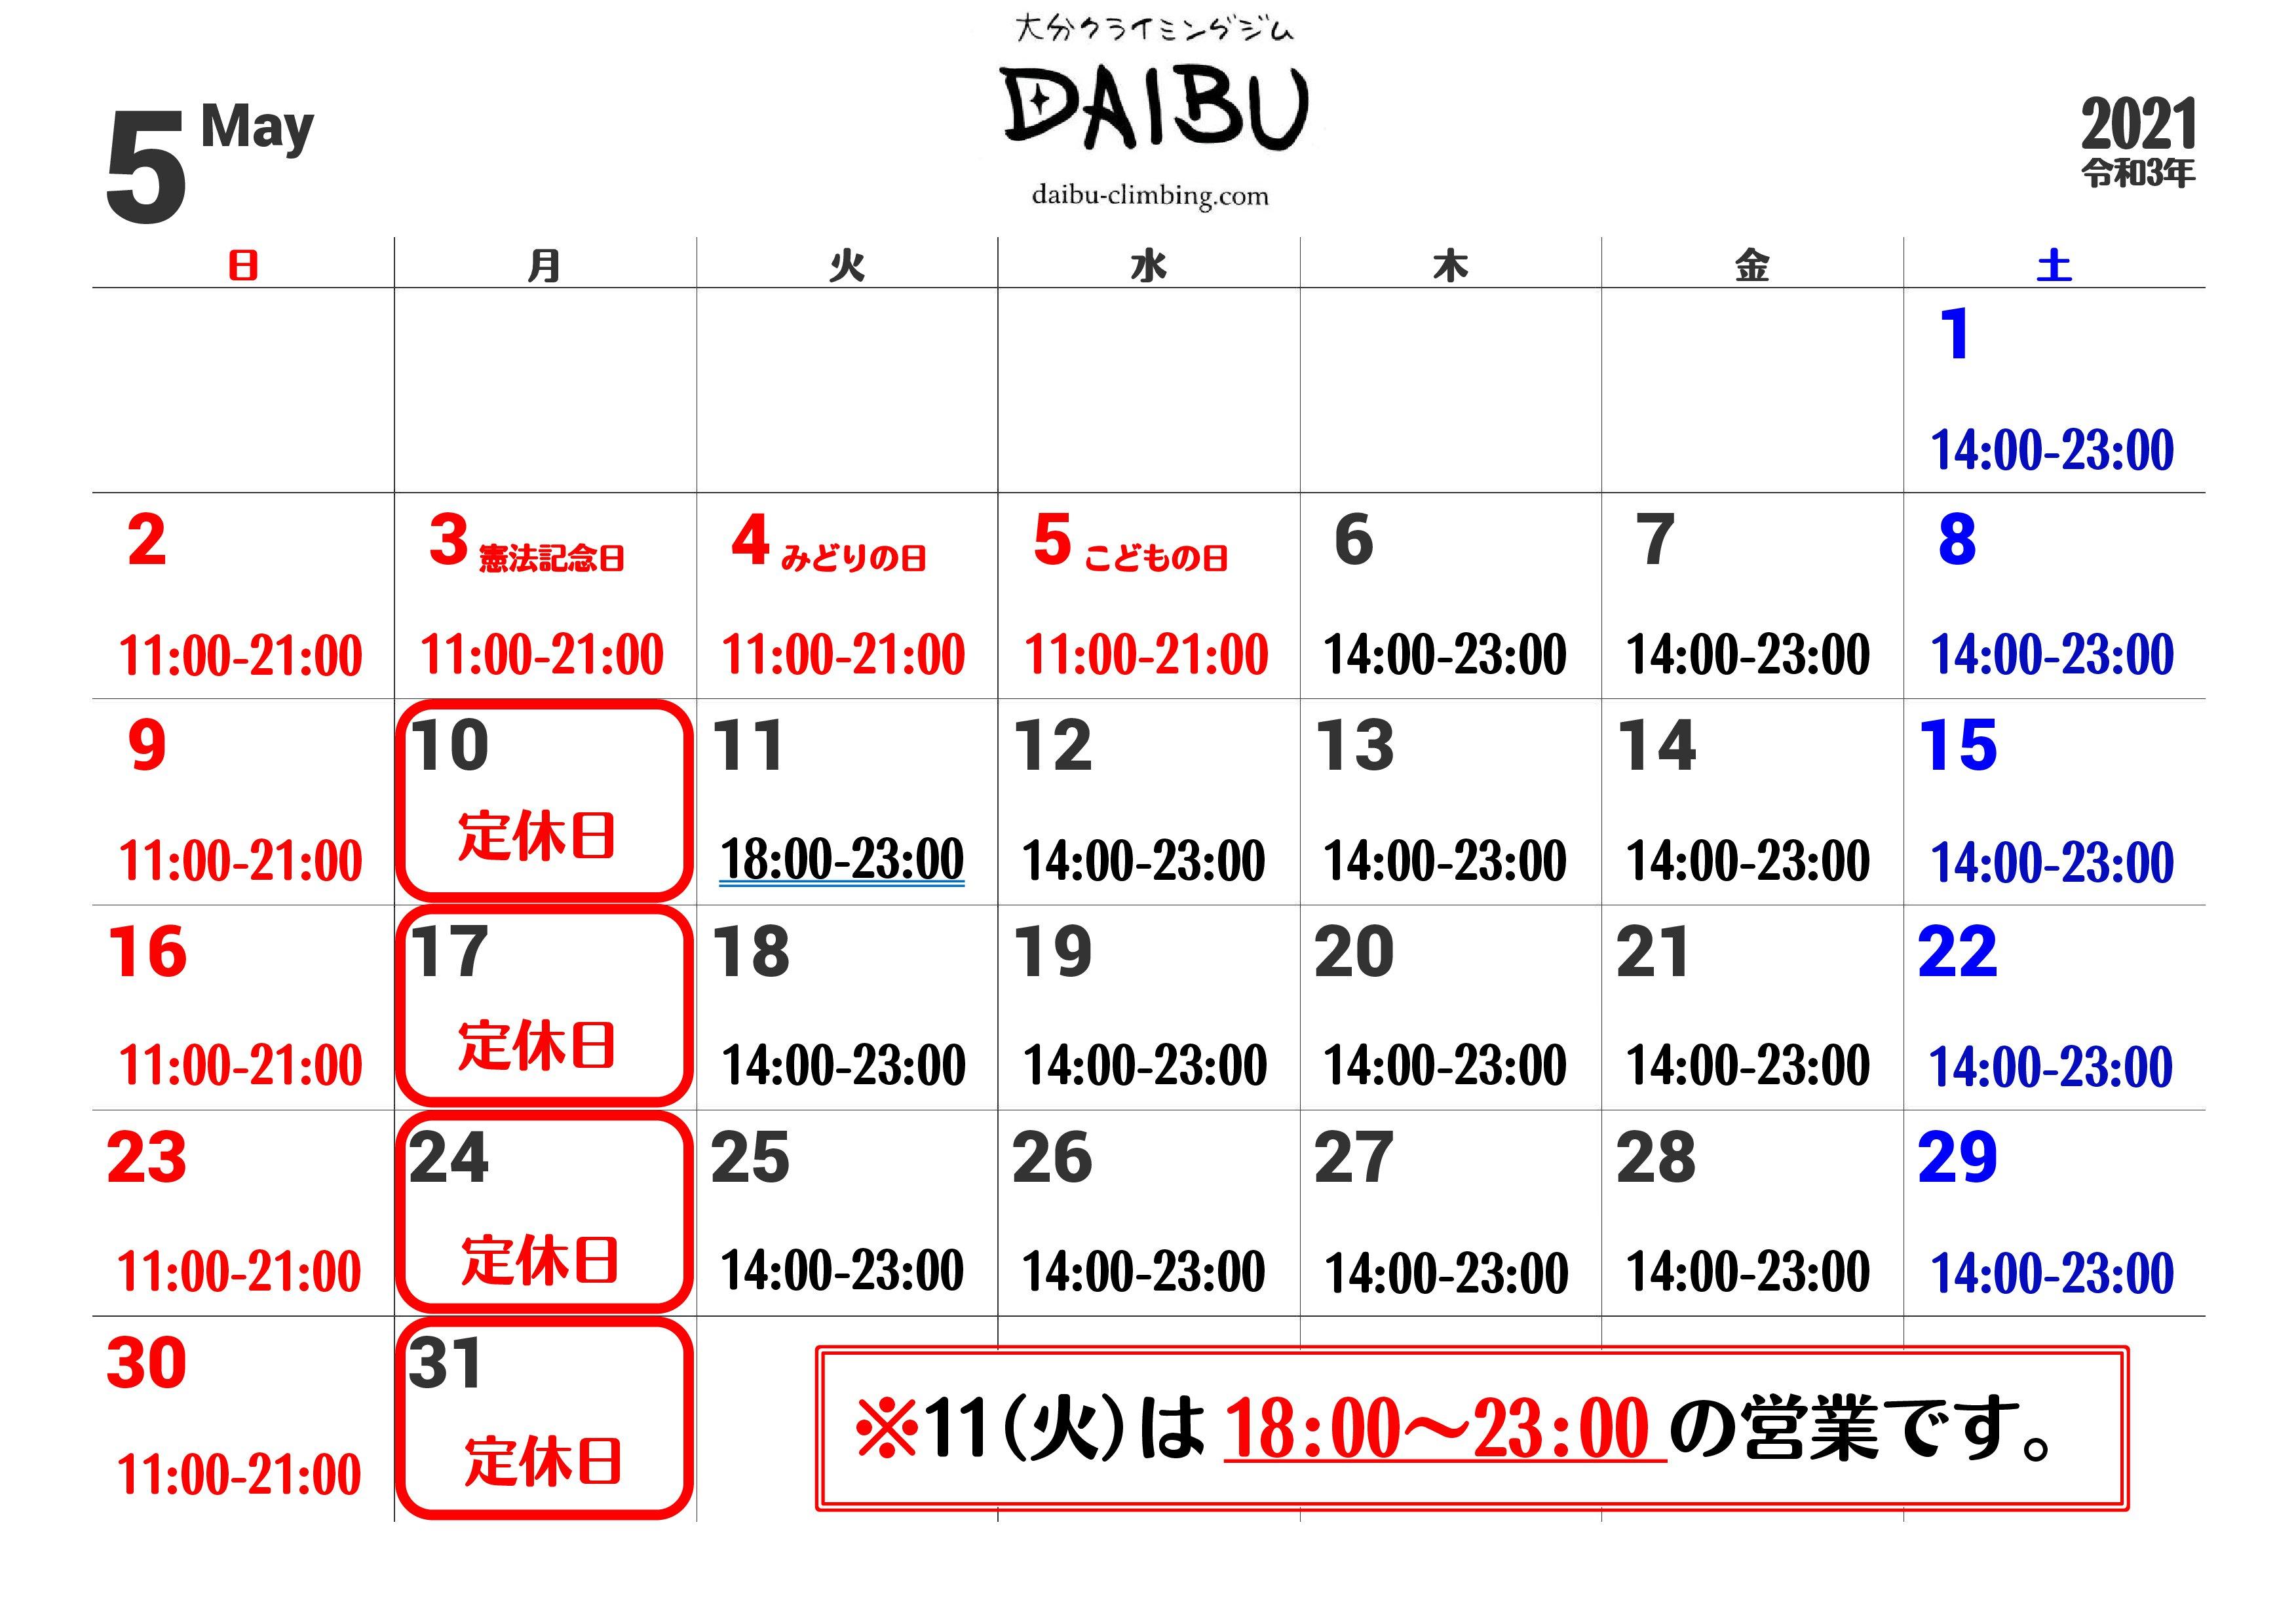 idxb7-mdutt-001.jpg